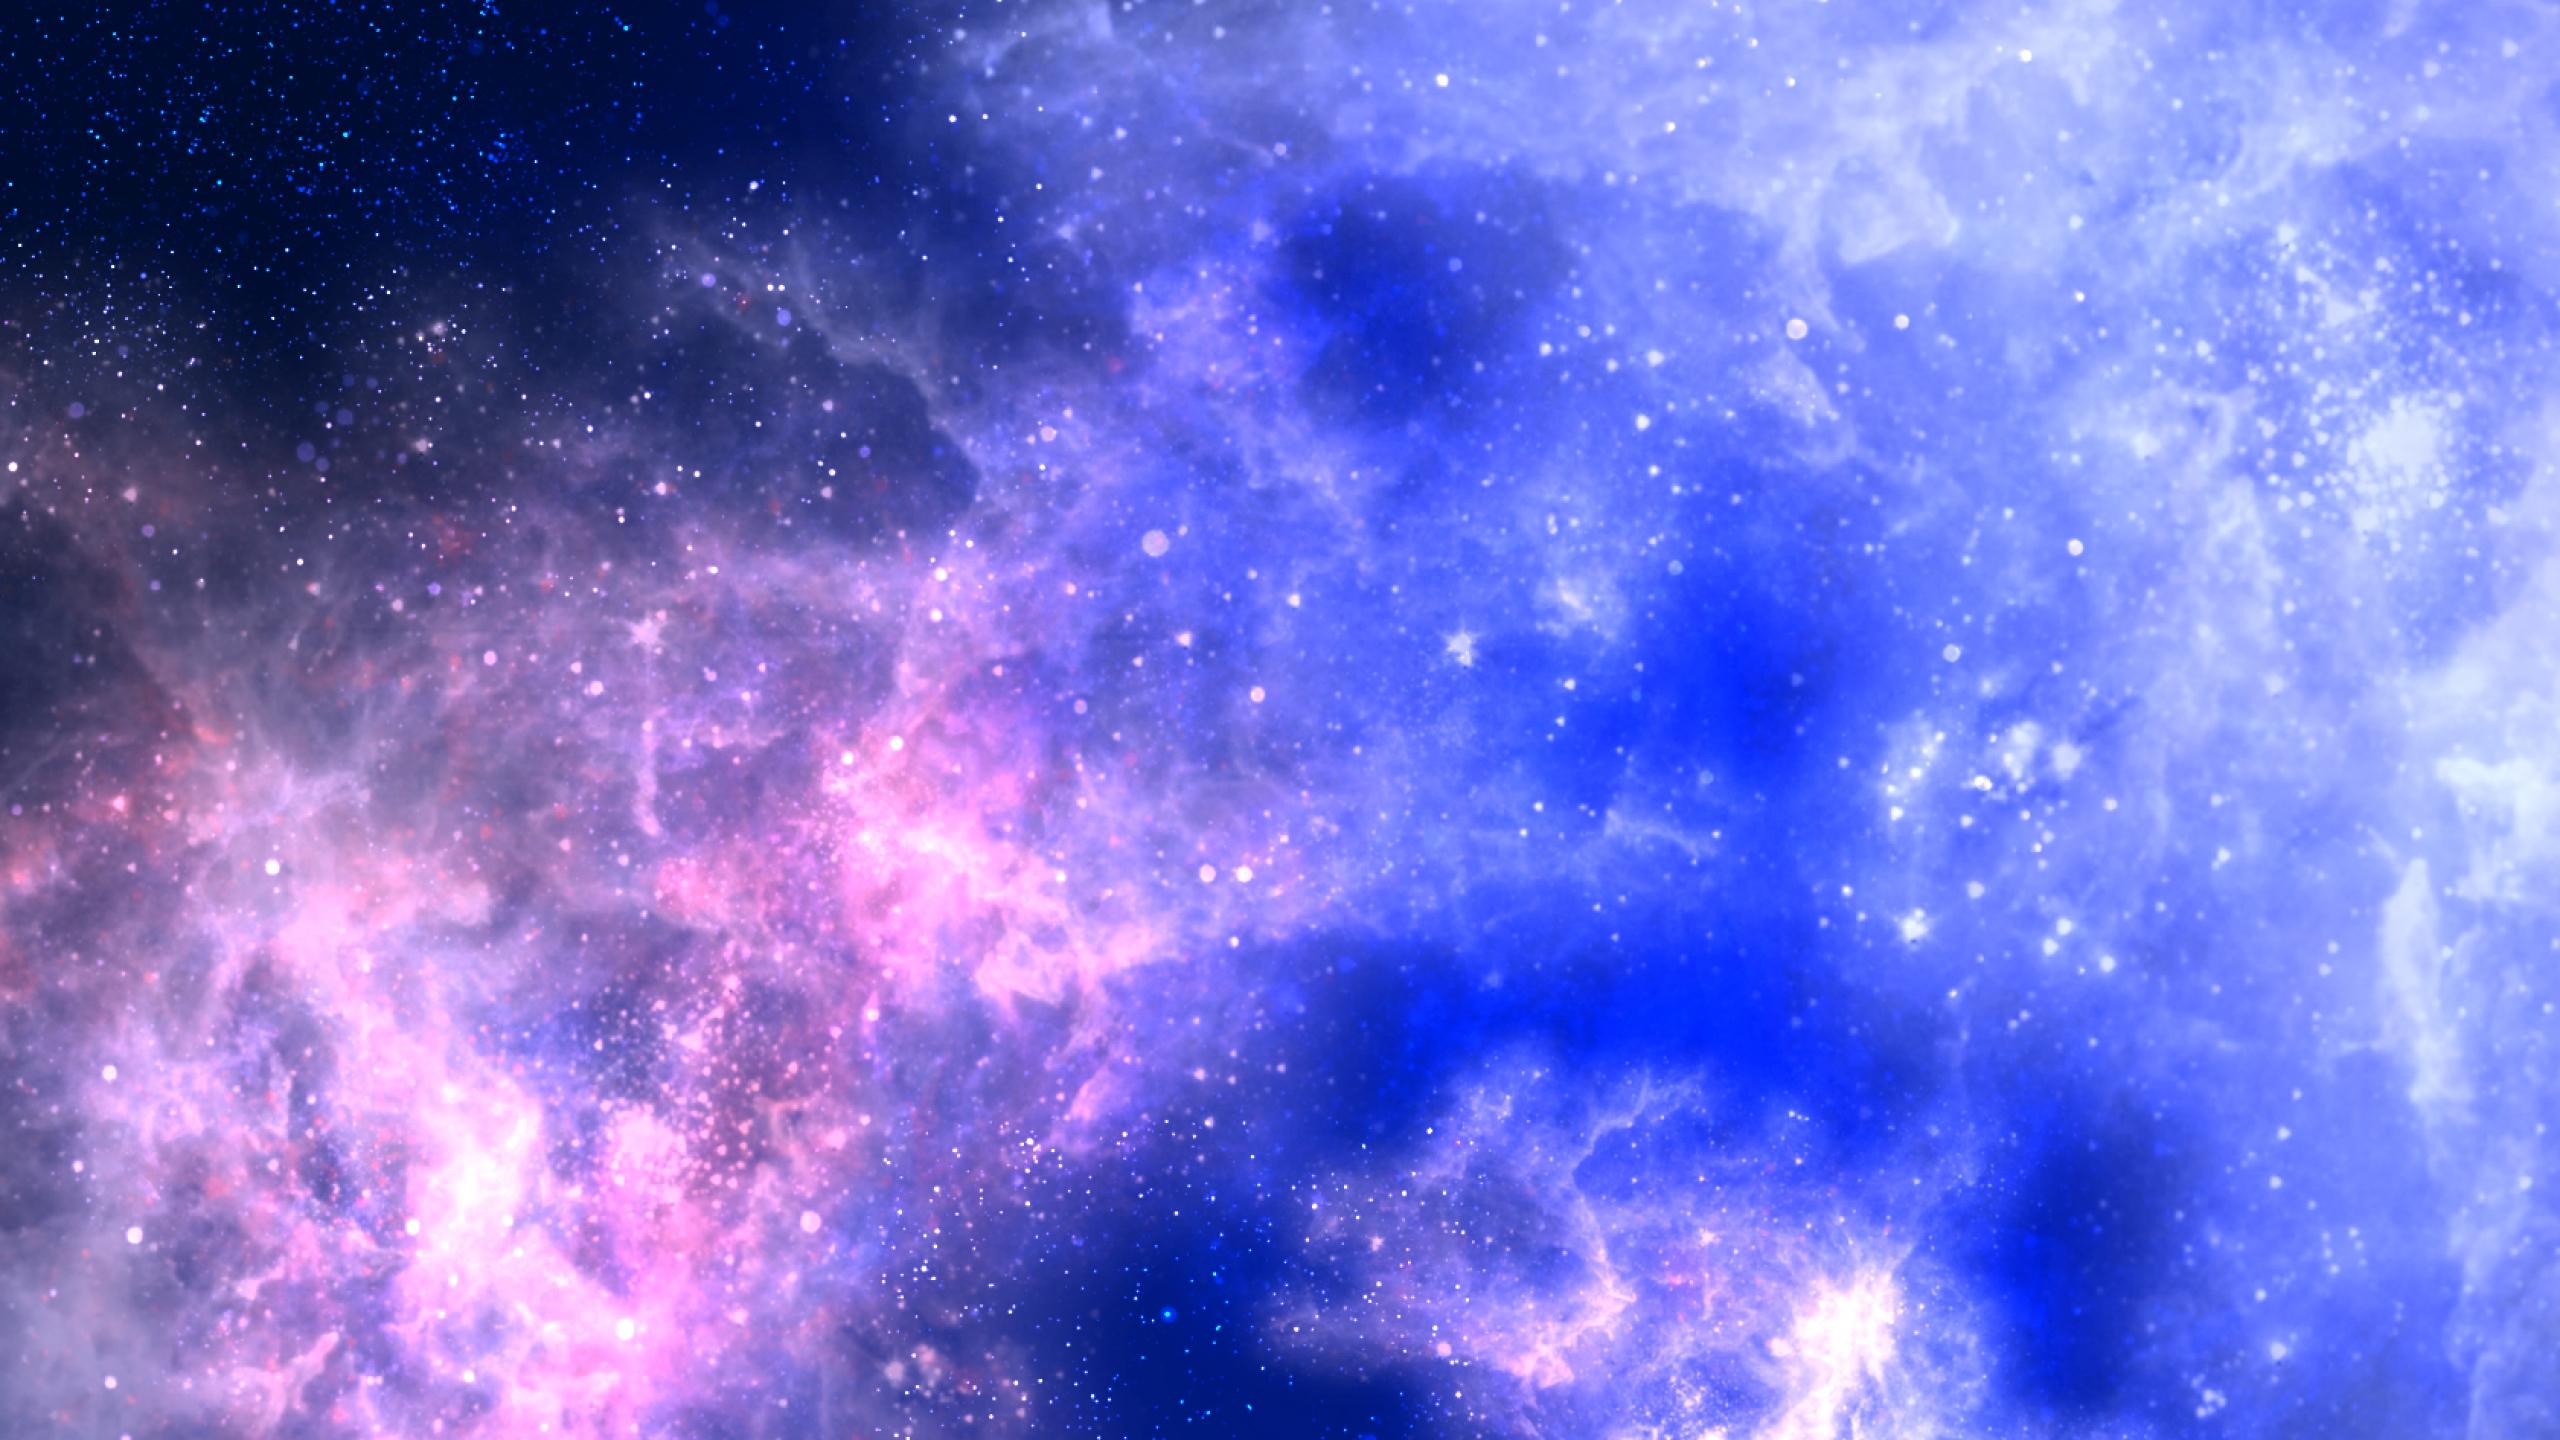 2560x1440 Wallpaper star Imac Wallpaper Galaxy 2560x1440